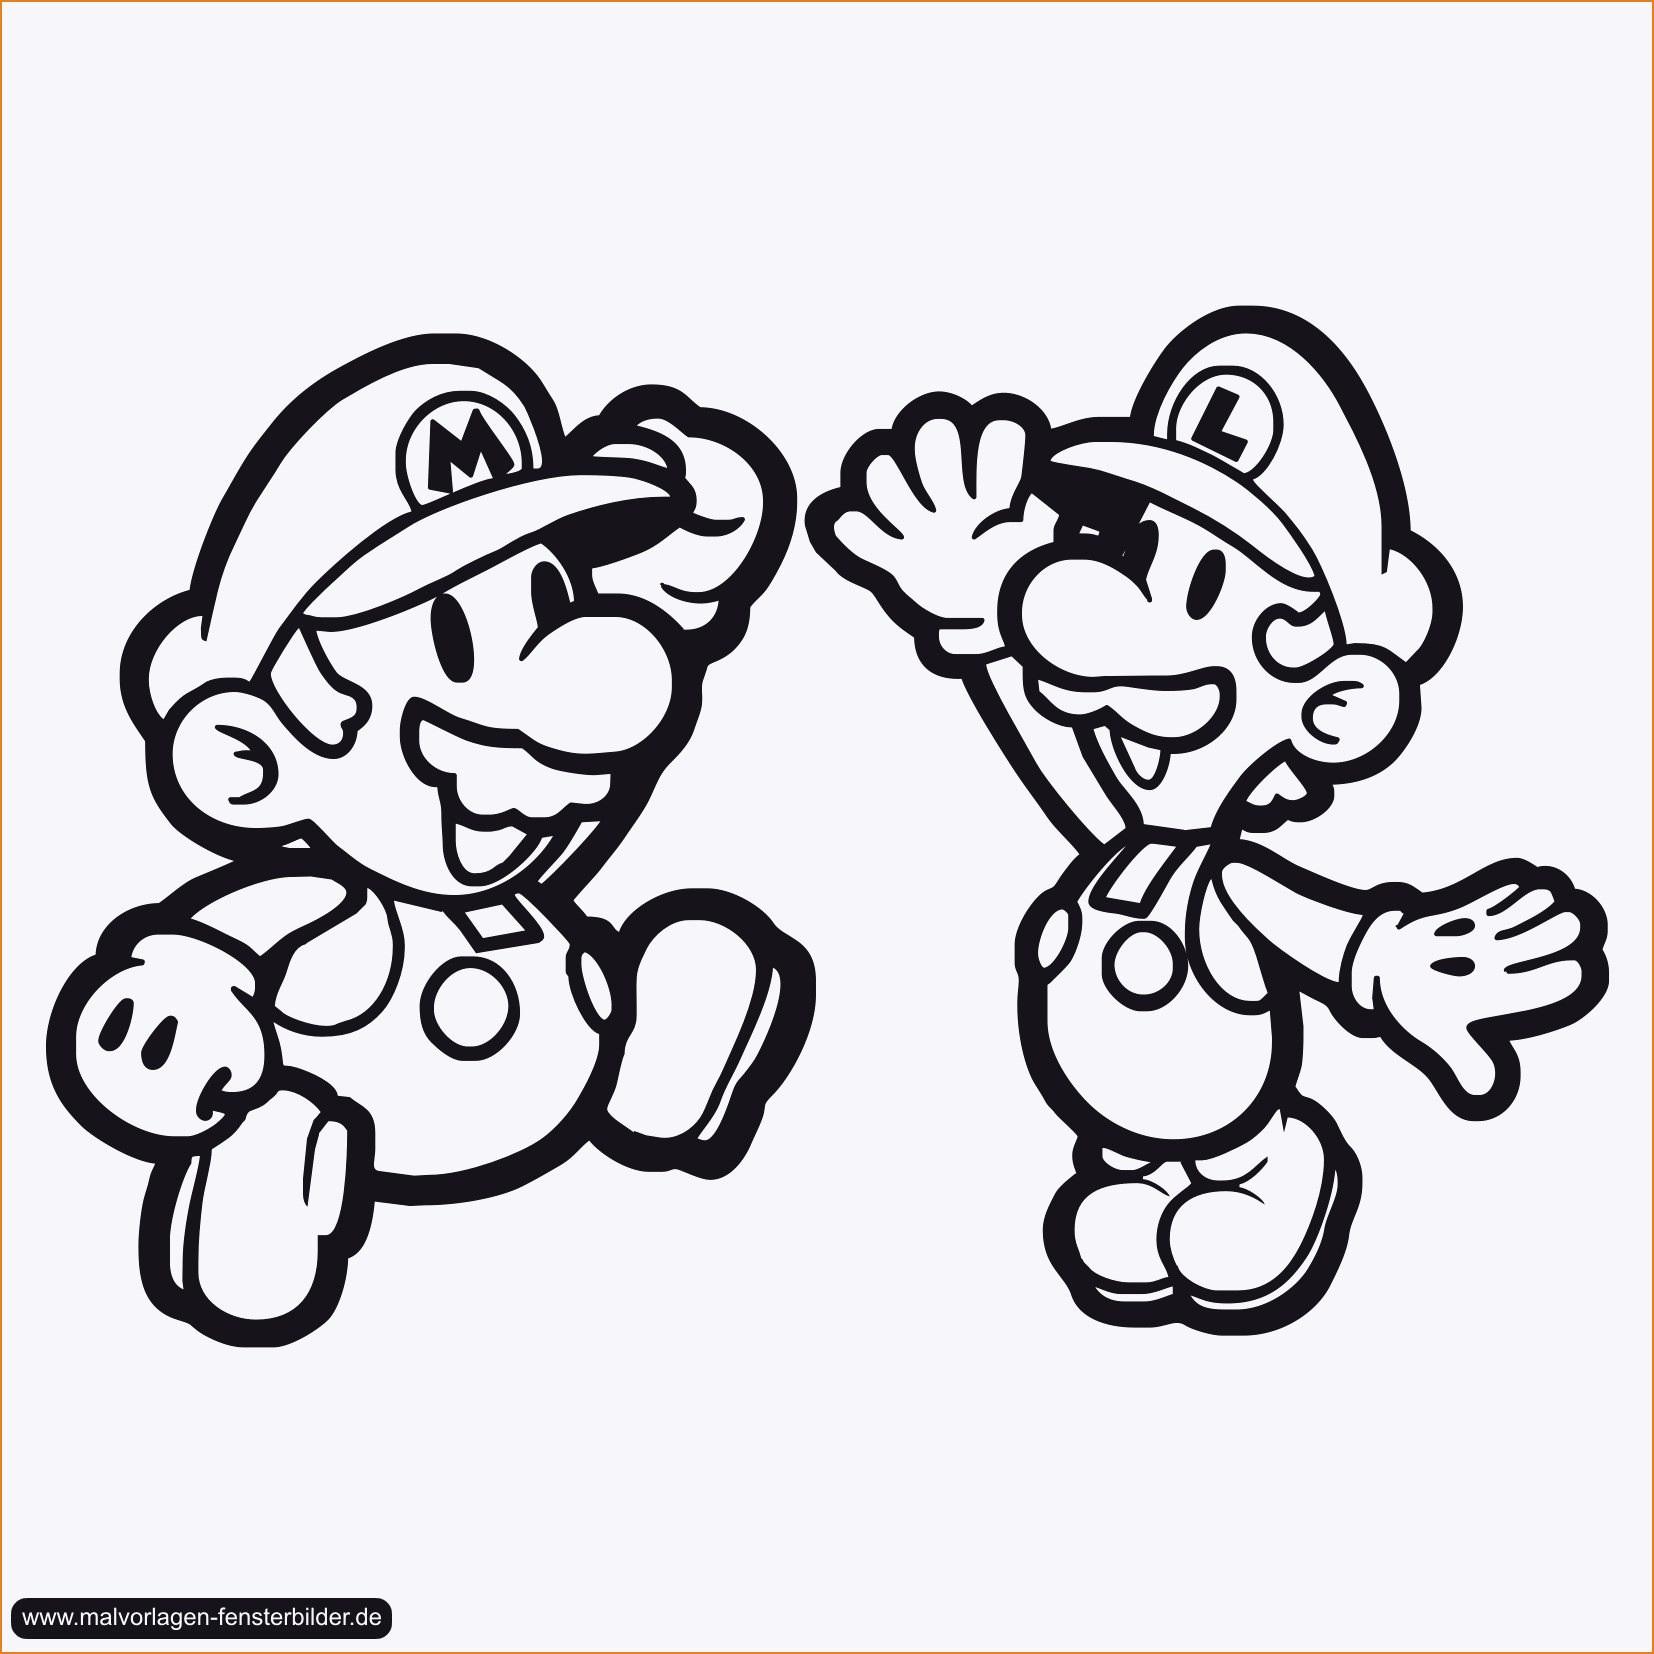 Mario Kart Ausmalbilder Inspirierend 28 Schön Mario Und Luigi Ausmalbilder Mickeycarrollmunchkin Luxus Bild